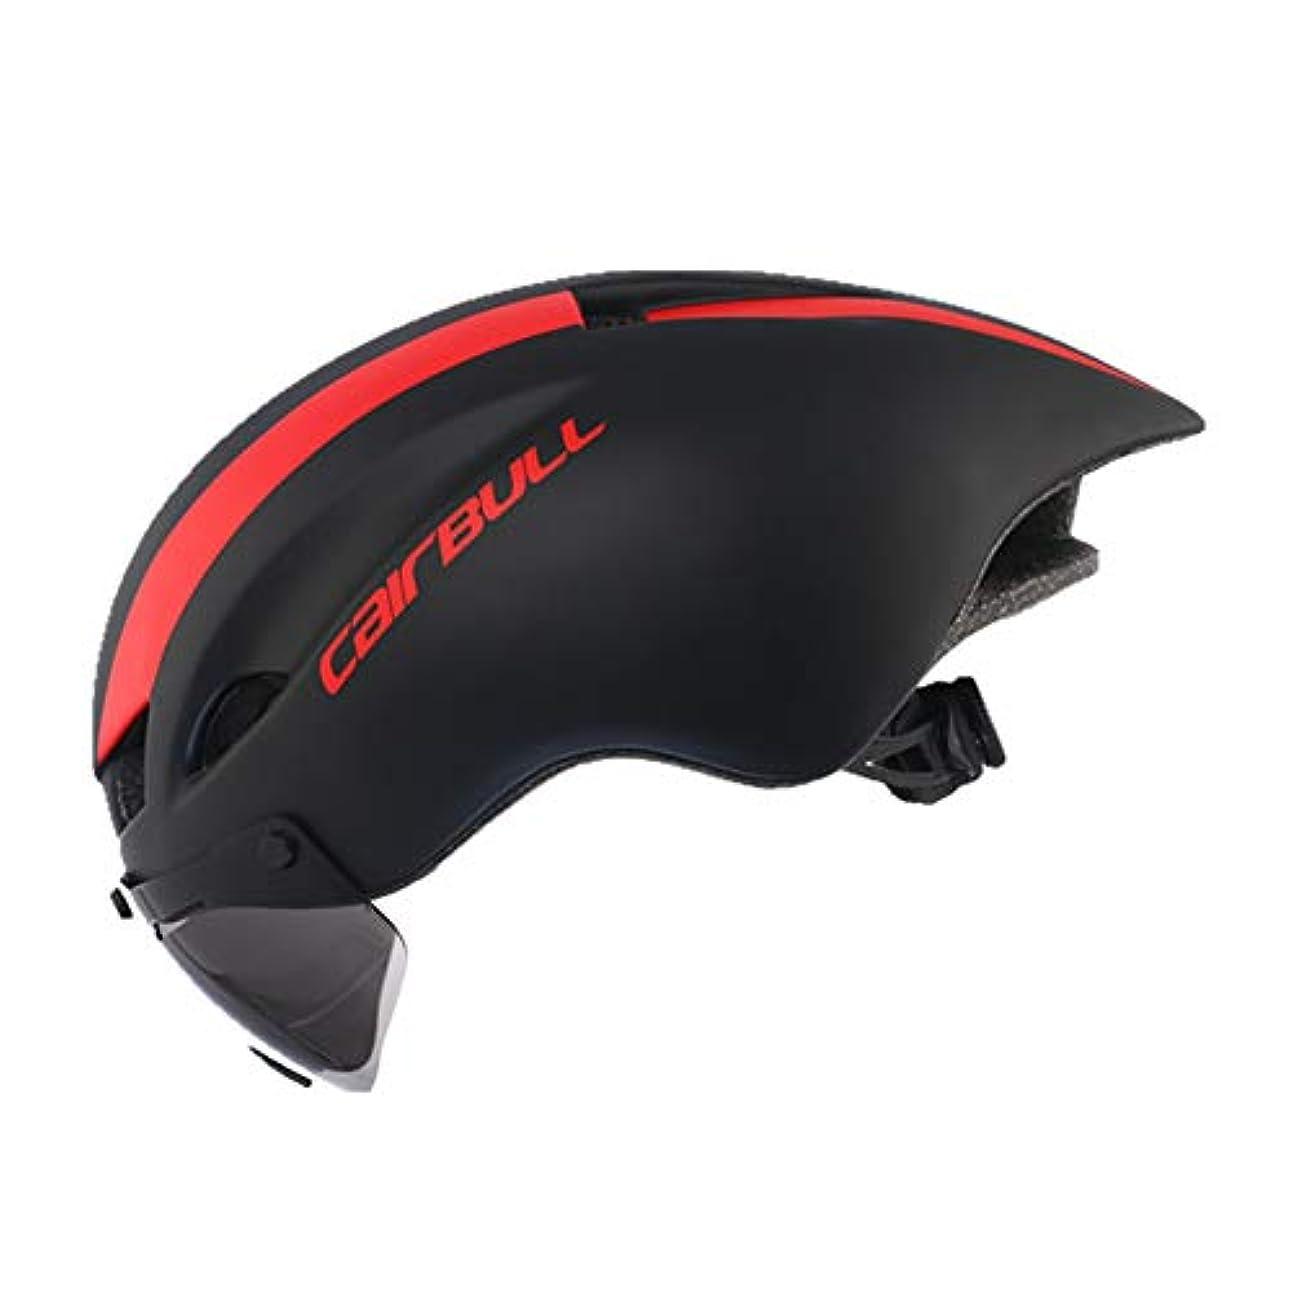 軽蔑重力テキストTT Racing自転車用ヘルメット、安全用自転車用ヘルメット、男性用マウンテンバイク自転車用MTB保護機器用、ゴーグル/ミラー/レンズ付き軽量サイクリングヘルメット